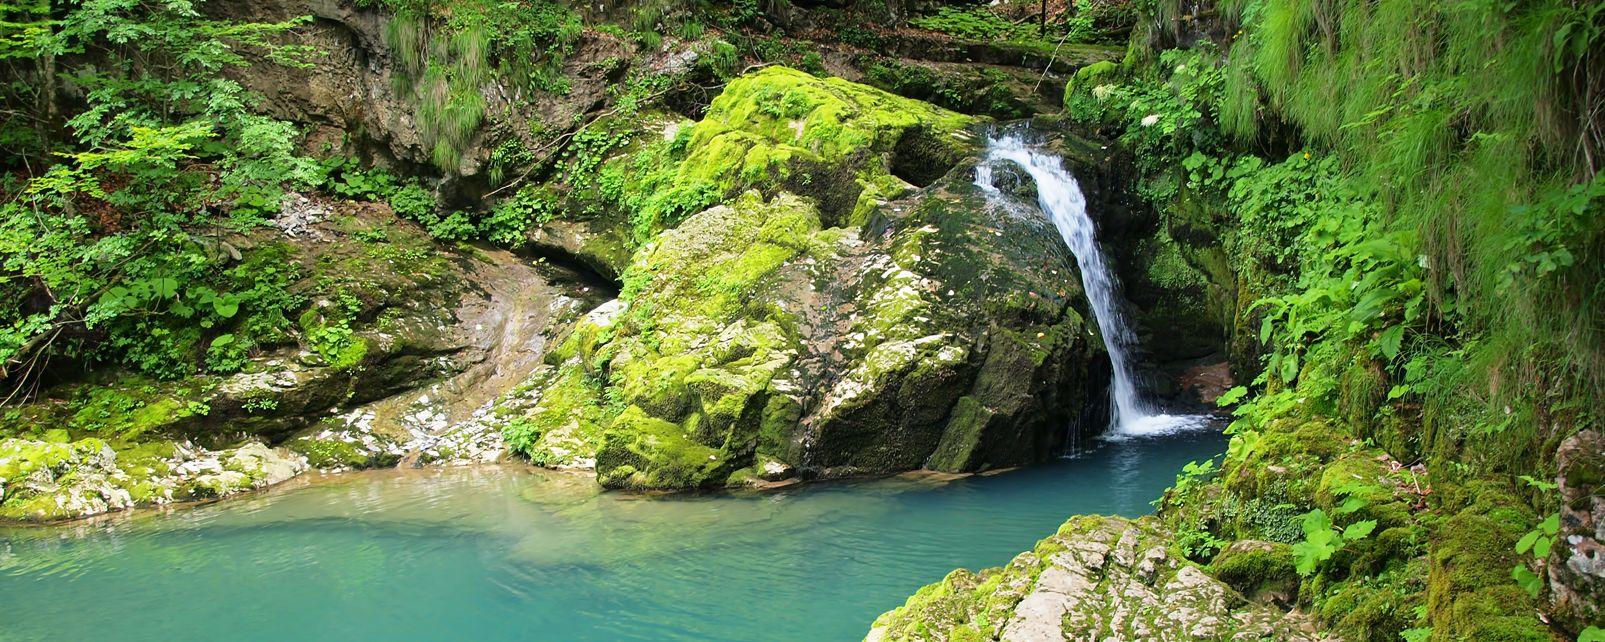 Risnjak National Park, Croatia, Risnjak National Park, Landscapes, Rijeka, Croatia